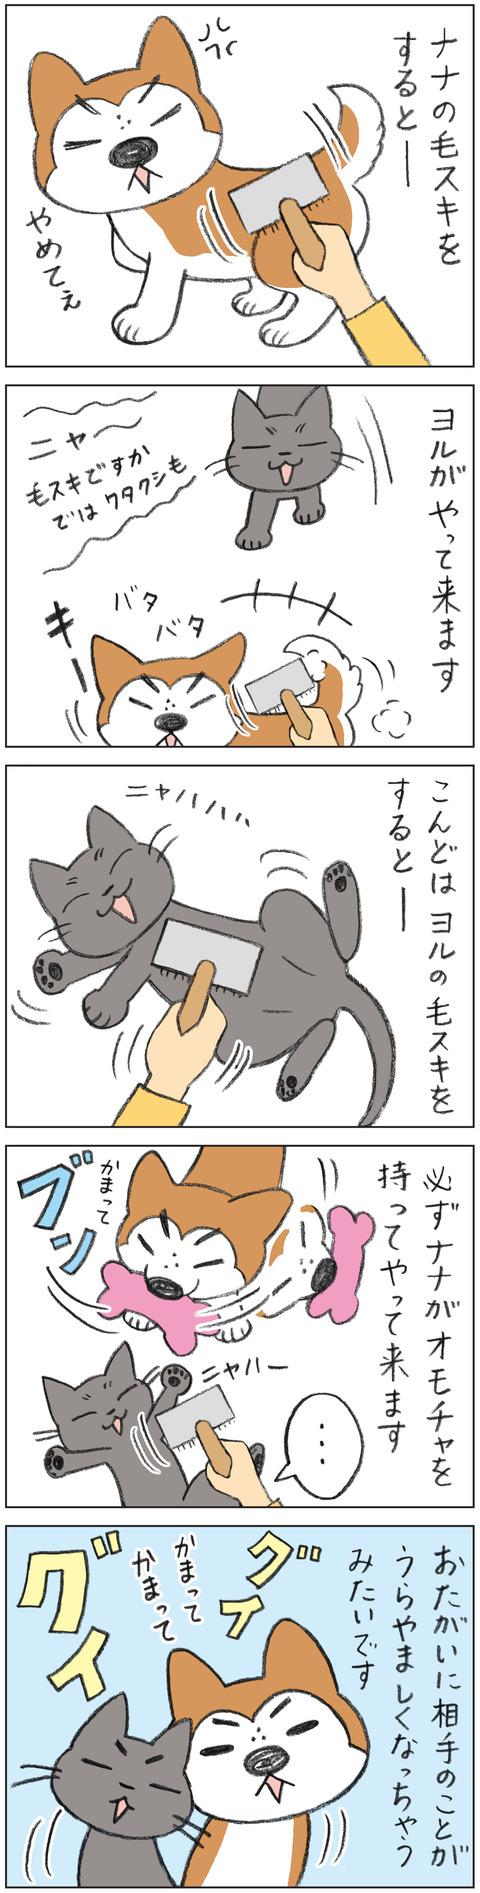 動物18-0141